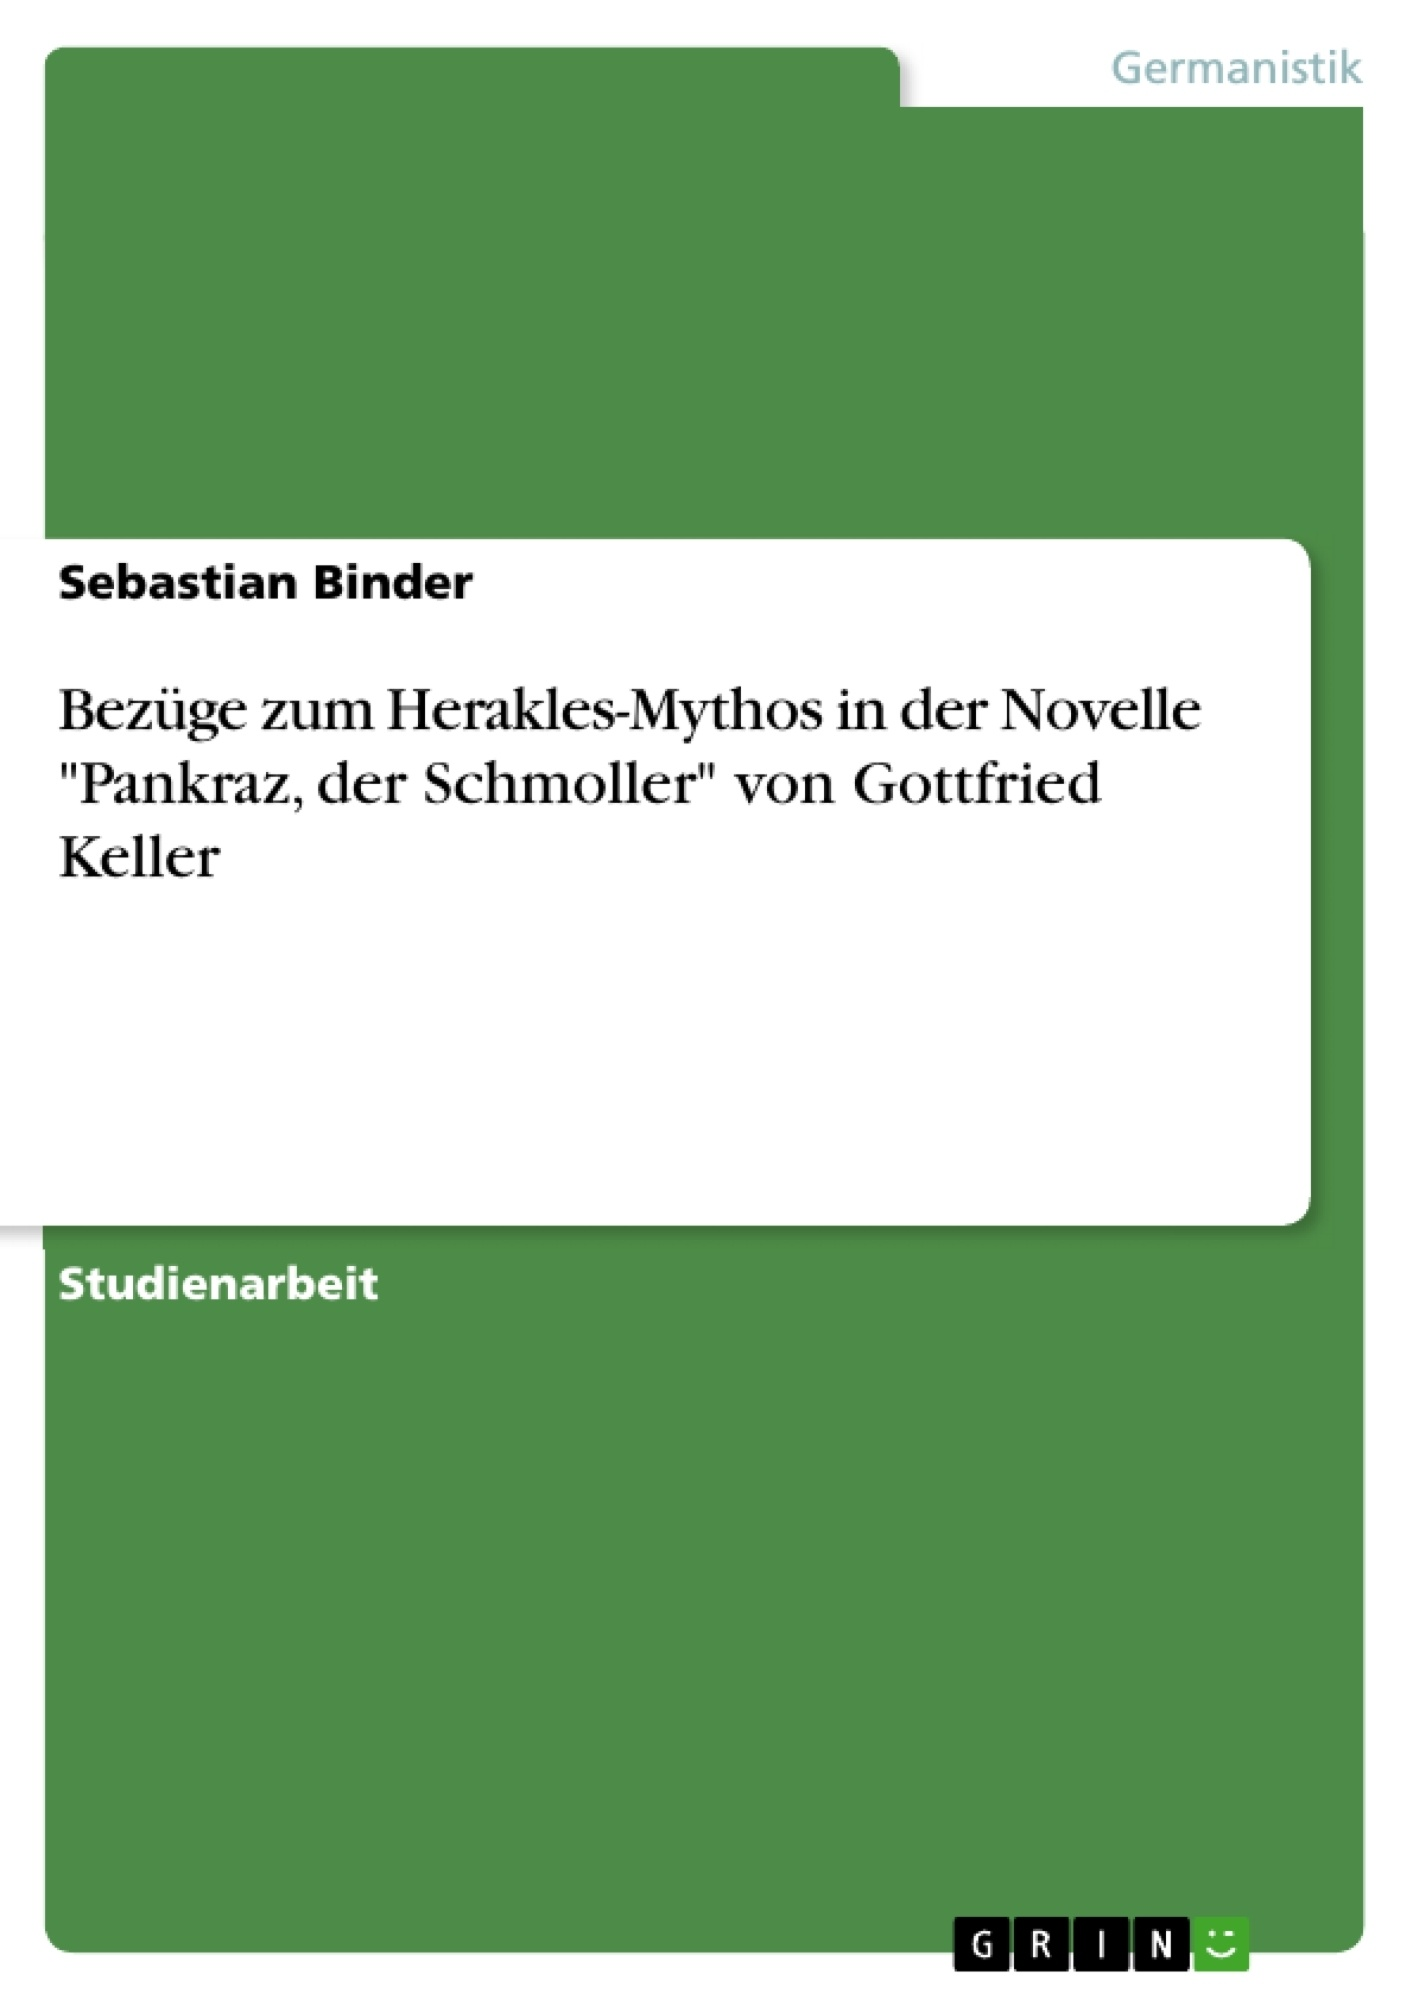 """Titel: Bezüge zum Herakles-Mythos in der Novelle """"Pankraz, der Schmoller"""" von Gottfried Keller"""